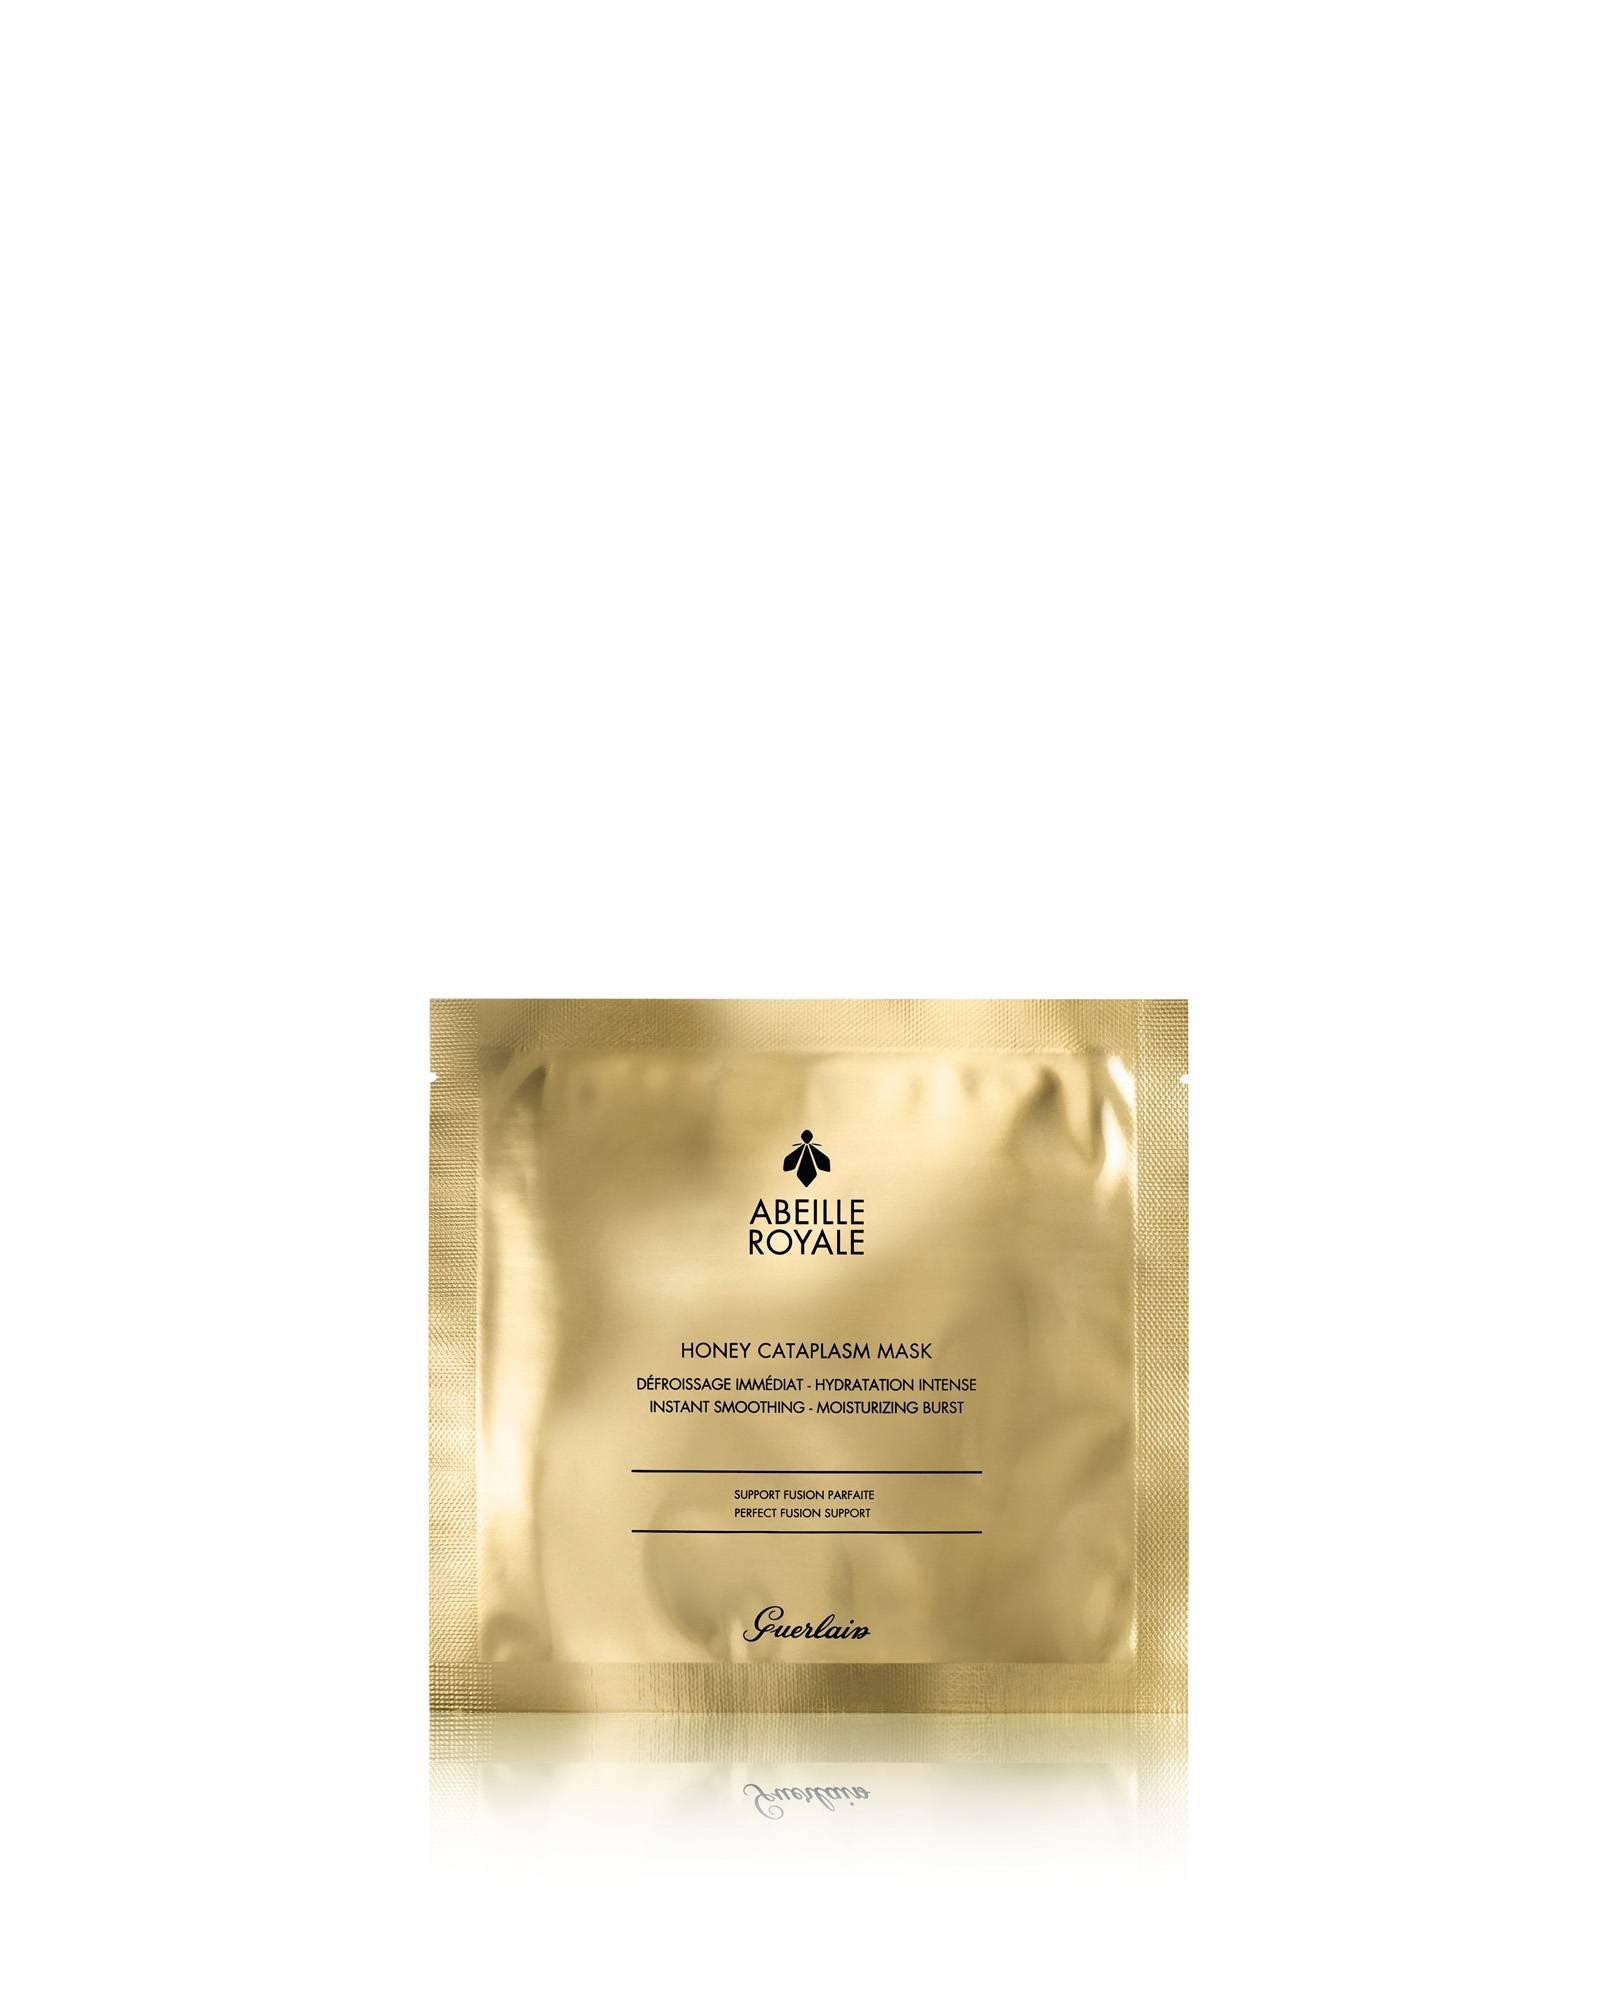 Guerlain Abeille Royale Honey Cataplasm Mask 4 Aw 850143